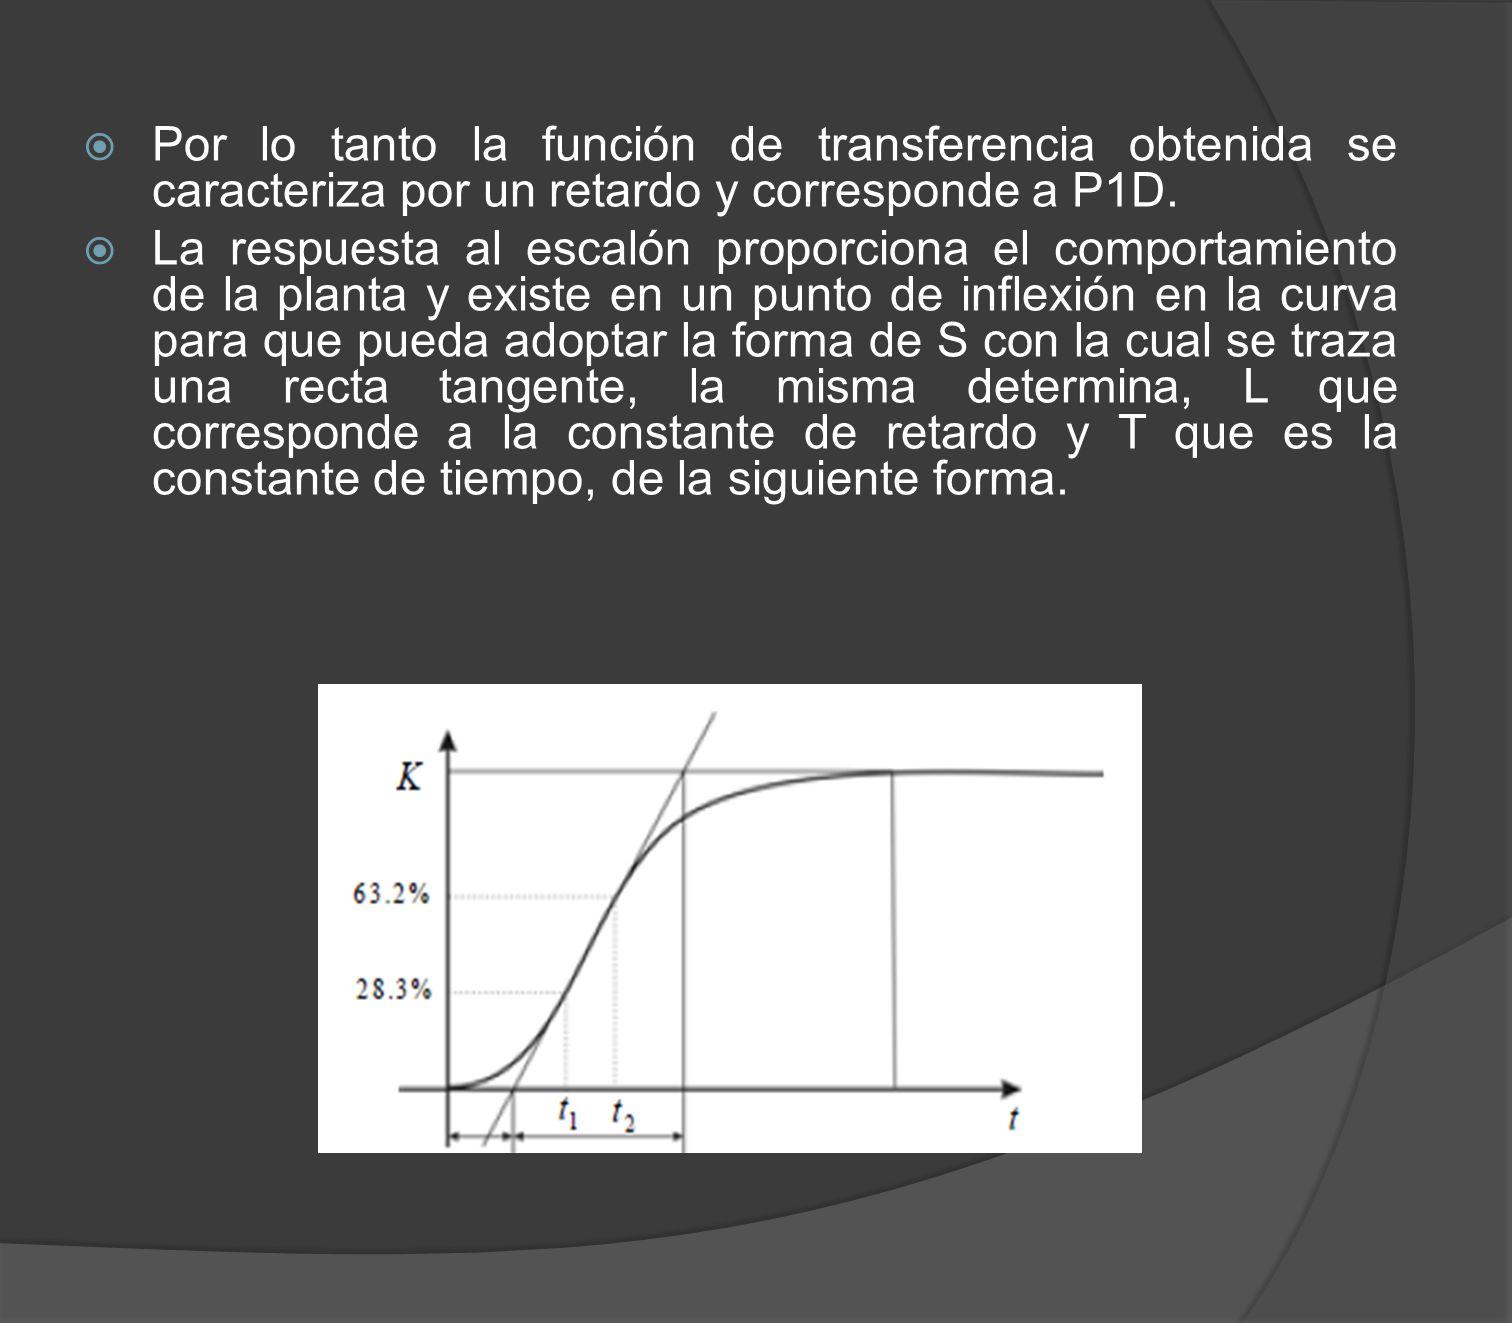 Por lo tanto la función de transferencia obtenida se caracteriza por un retardo y corresponde a P1D.